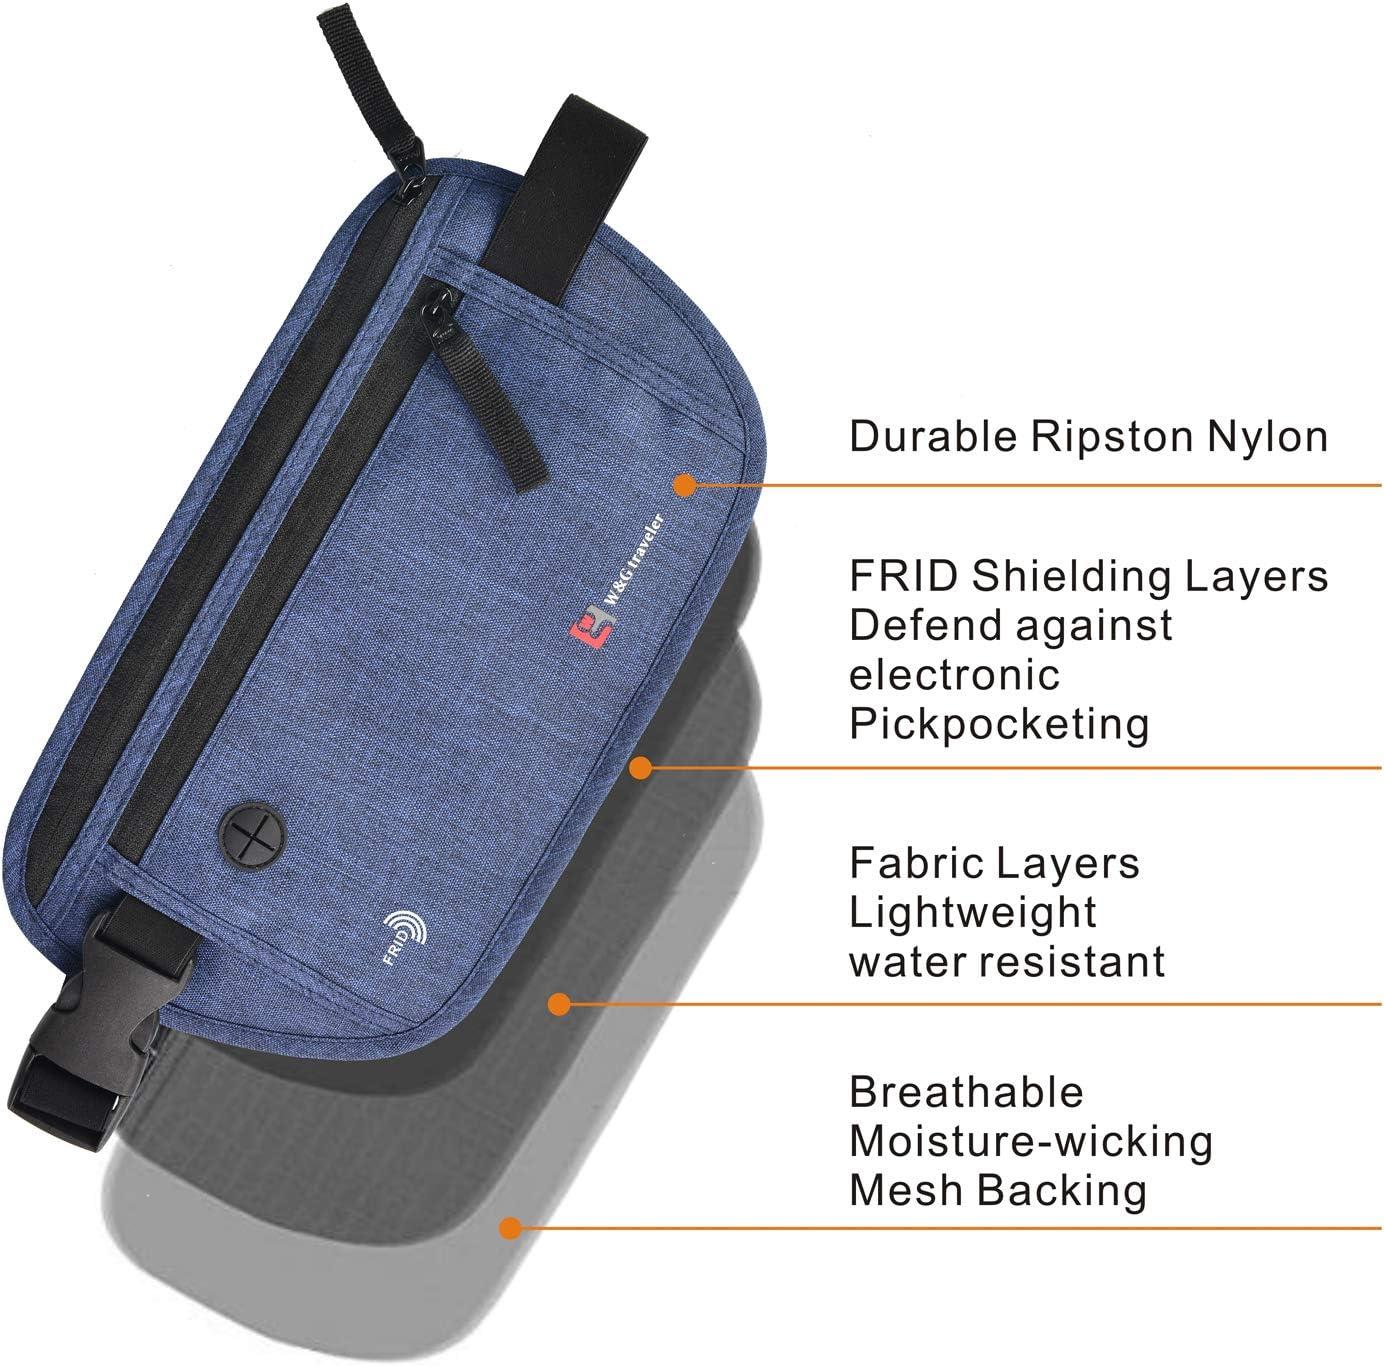 Waterproof RFID Blocking Passport Holder Neck Stash Pouch Security Hidden Travel Neck Wallet for Men and Women dark gray